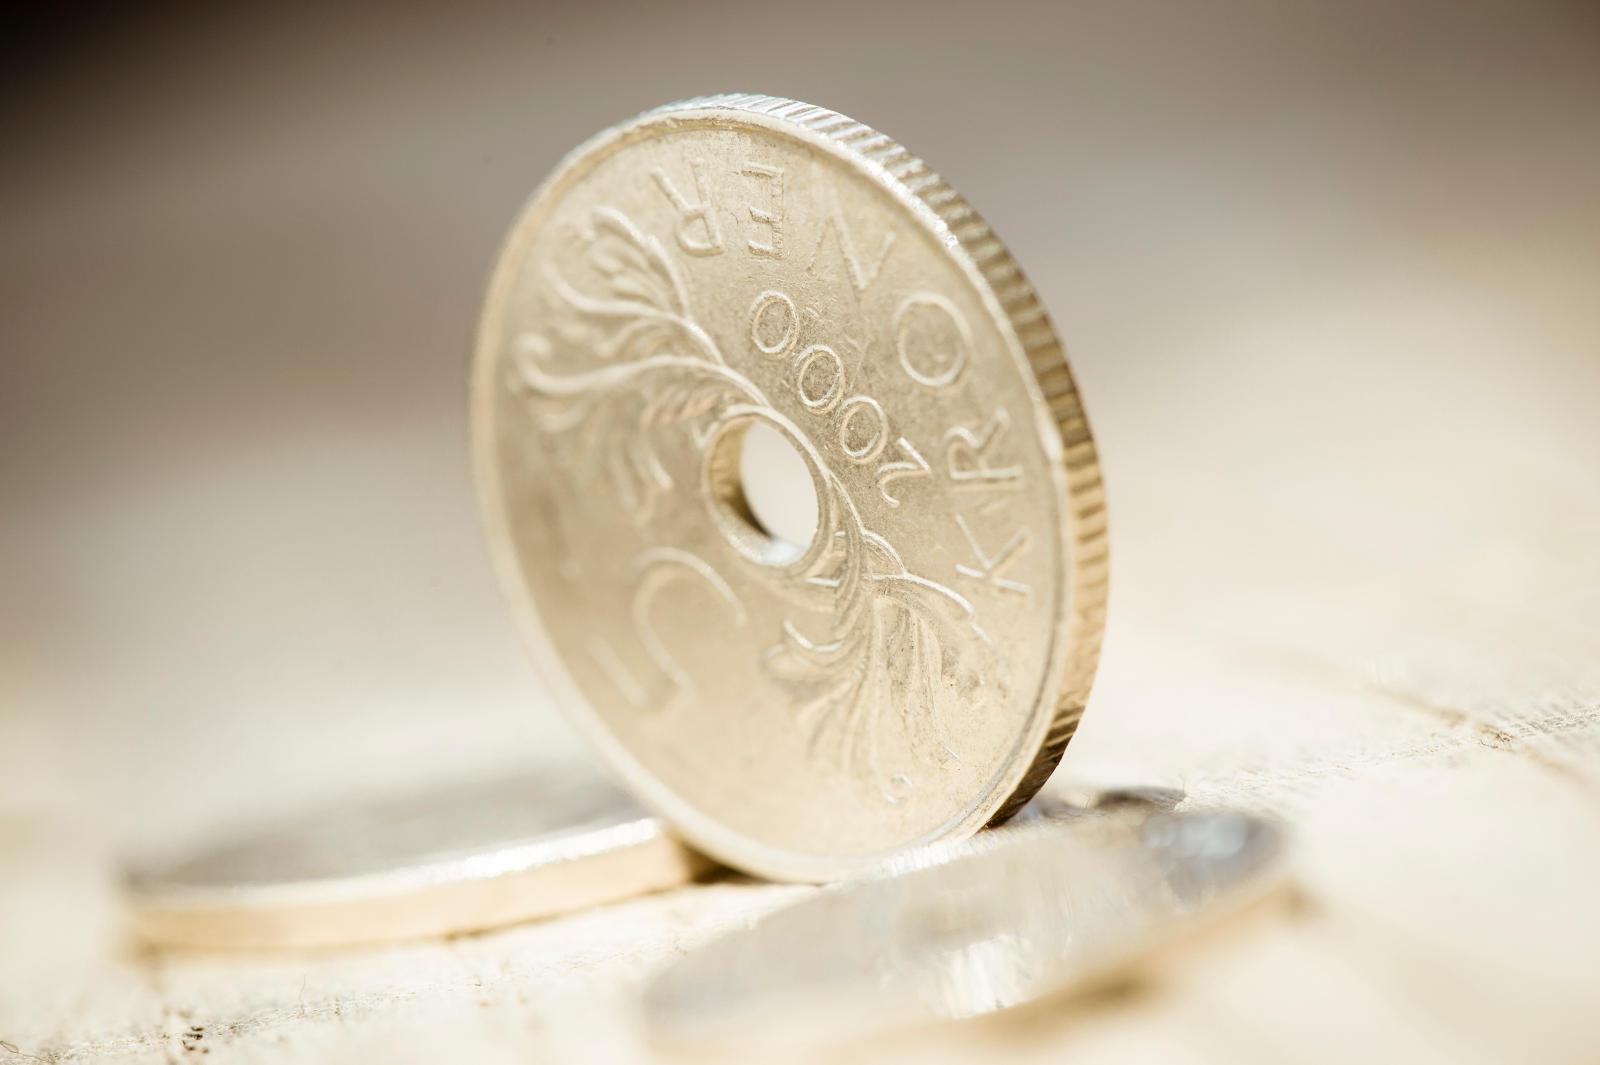 5-kroner